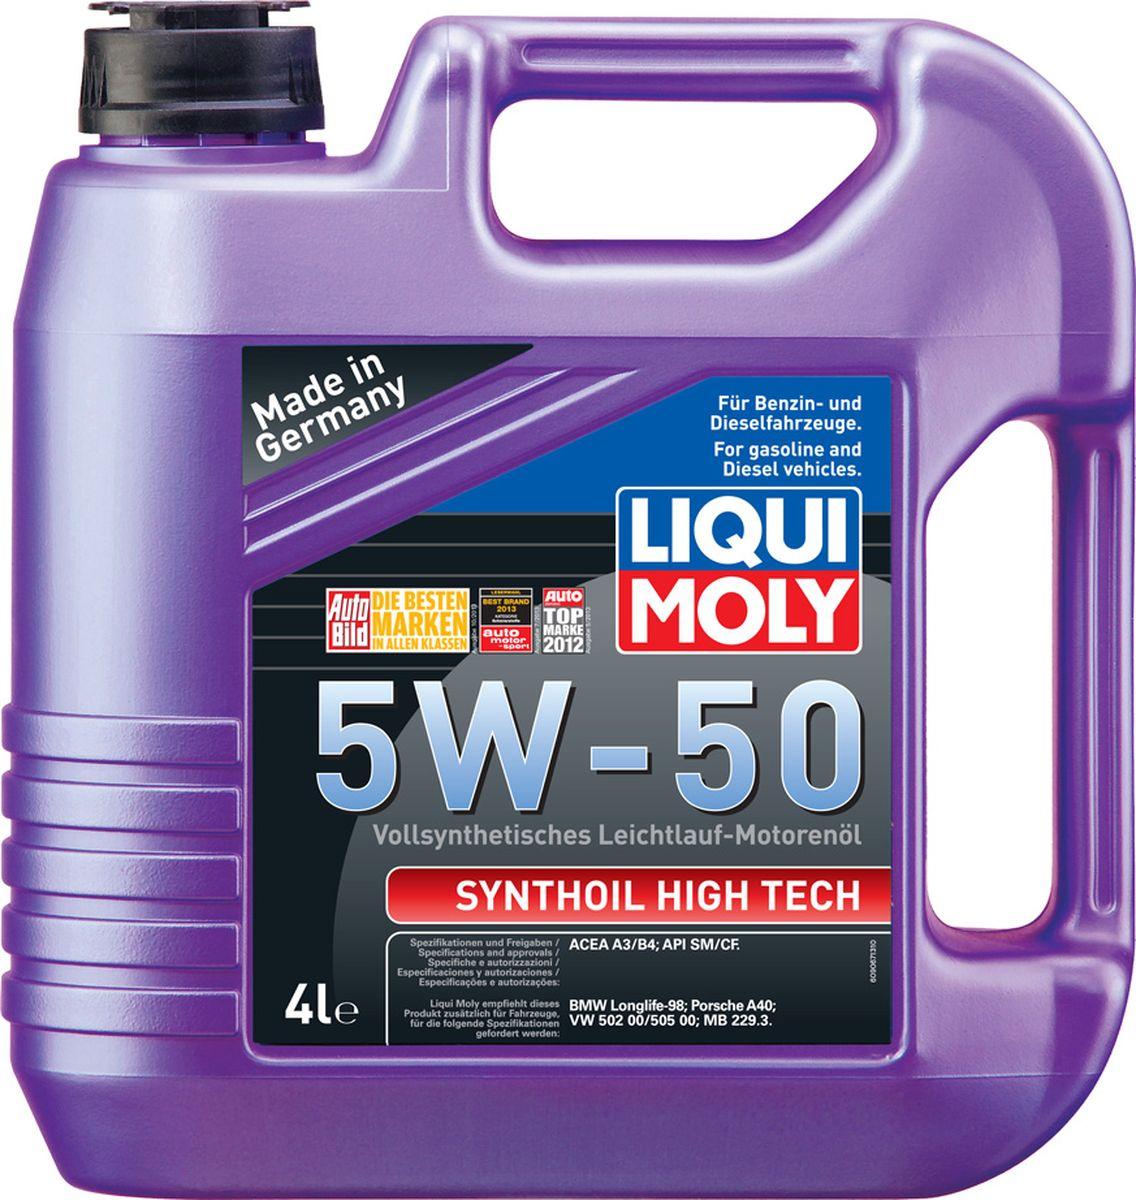 Масло моторное Liqui Moly Synthoil High Tech, синтетическое, 5W-50, 4 л2706 (ПО)Масло моторное Liqui Moly Synthoil High Tech - 100% синтетическое универсальное моторное масло на базе полиальфаолефинов (ПАО) для большинства автомобилей, для которых требования к маслам опираются на международные классификации API и ACEA. В сочетании с вязкостью 5W-50 моторное масло обеспечивает надежную защиту двигателя в нагруженном высокотемпературном режиме: в жарких условиях, пробках, при агрессивном стиле вождения. Использование современных, полностью синтетических базовых масел (ПАО) и передовых технологий в области разработок присадок гарантирует низкую вязкость масла при низких температурах, высокую надежность масляной пленки. Моторные масла линейки Synthoil предотвращают образование отложений в двигателе, снижают трение и надежно защищают от износа. Особенности: - Очень высокая стабильность к повышенным эксплуатационным температурам- Очень низкий расход масла- Быстрое поступление масла ко всем деталям двигателя при низких температурах- Высокая смазывающая способность- Замечательная термоокислительная стабильность и устойчивость к старению- Оптимальная чистота двигателя- Протестировано и совместимо с катализаторами и турбонаддувомДопуск: -API: CF/SM-ACEA: A3/B4